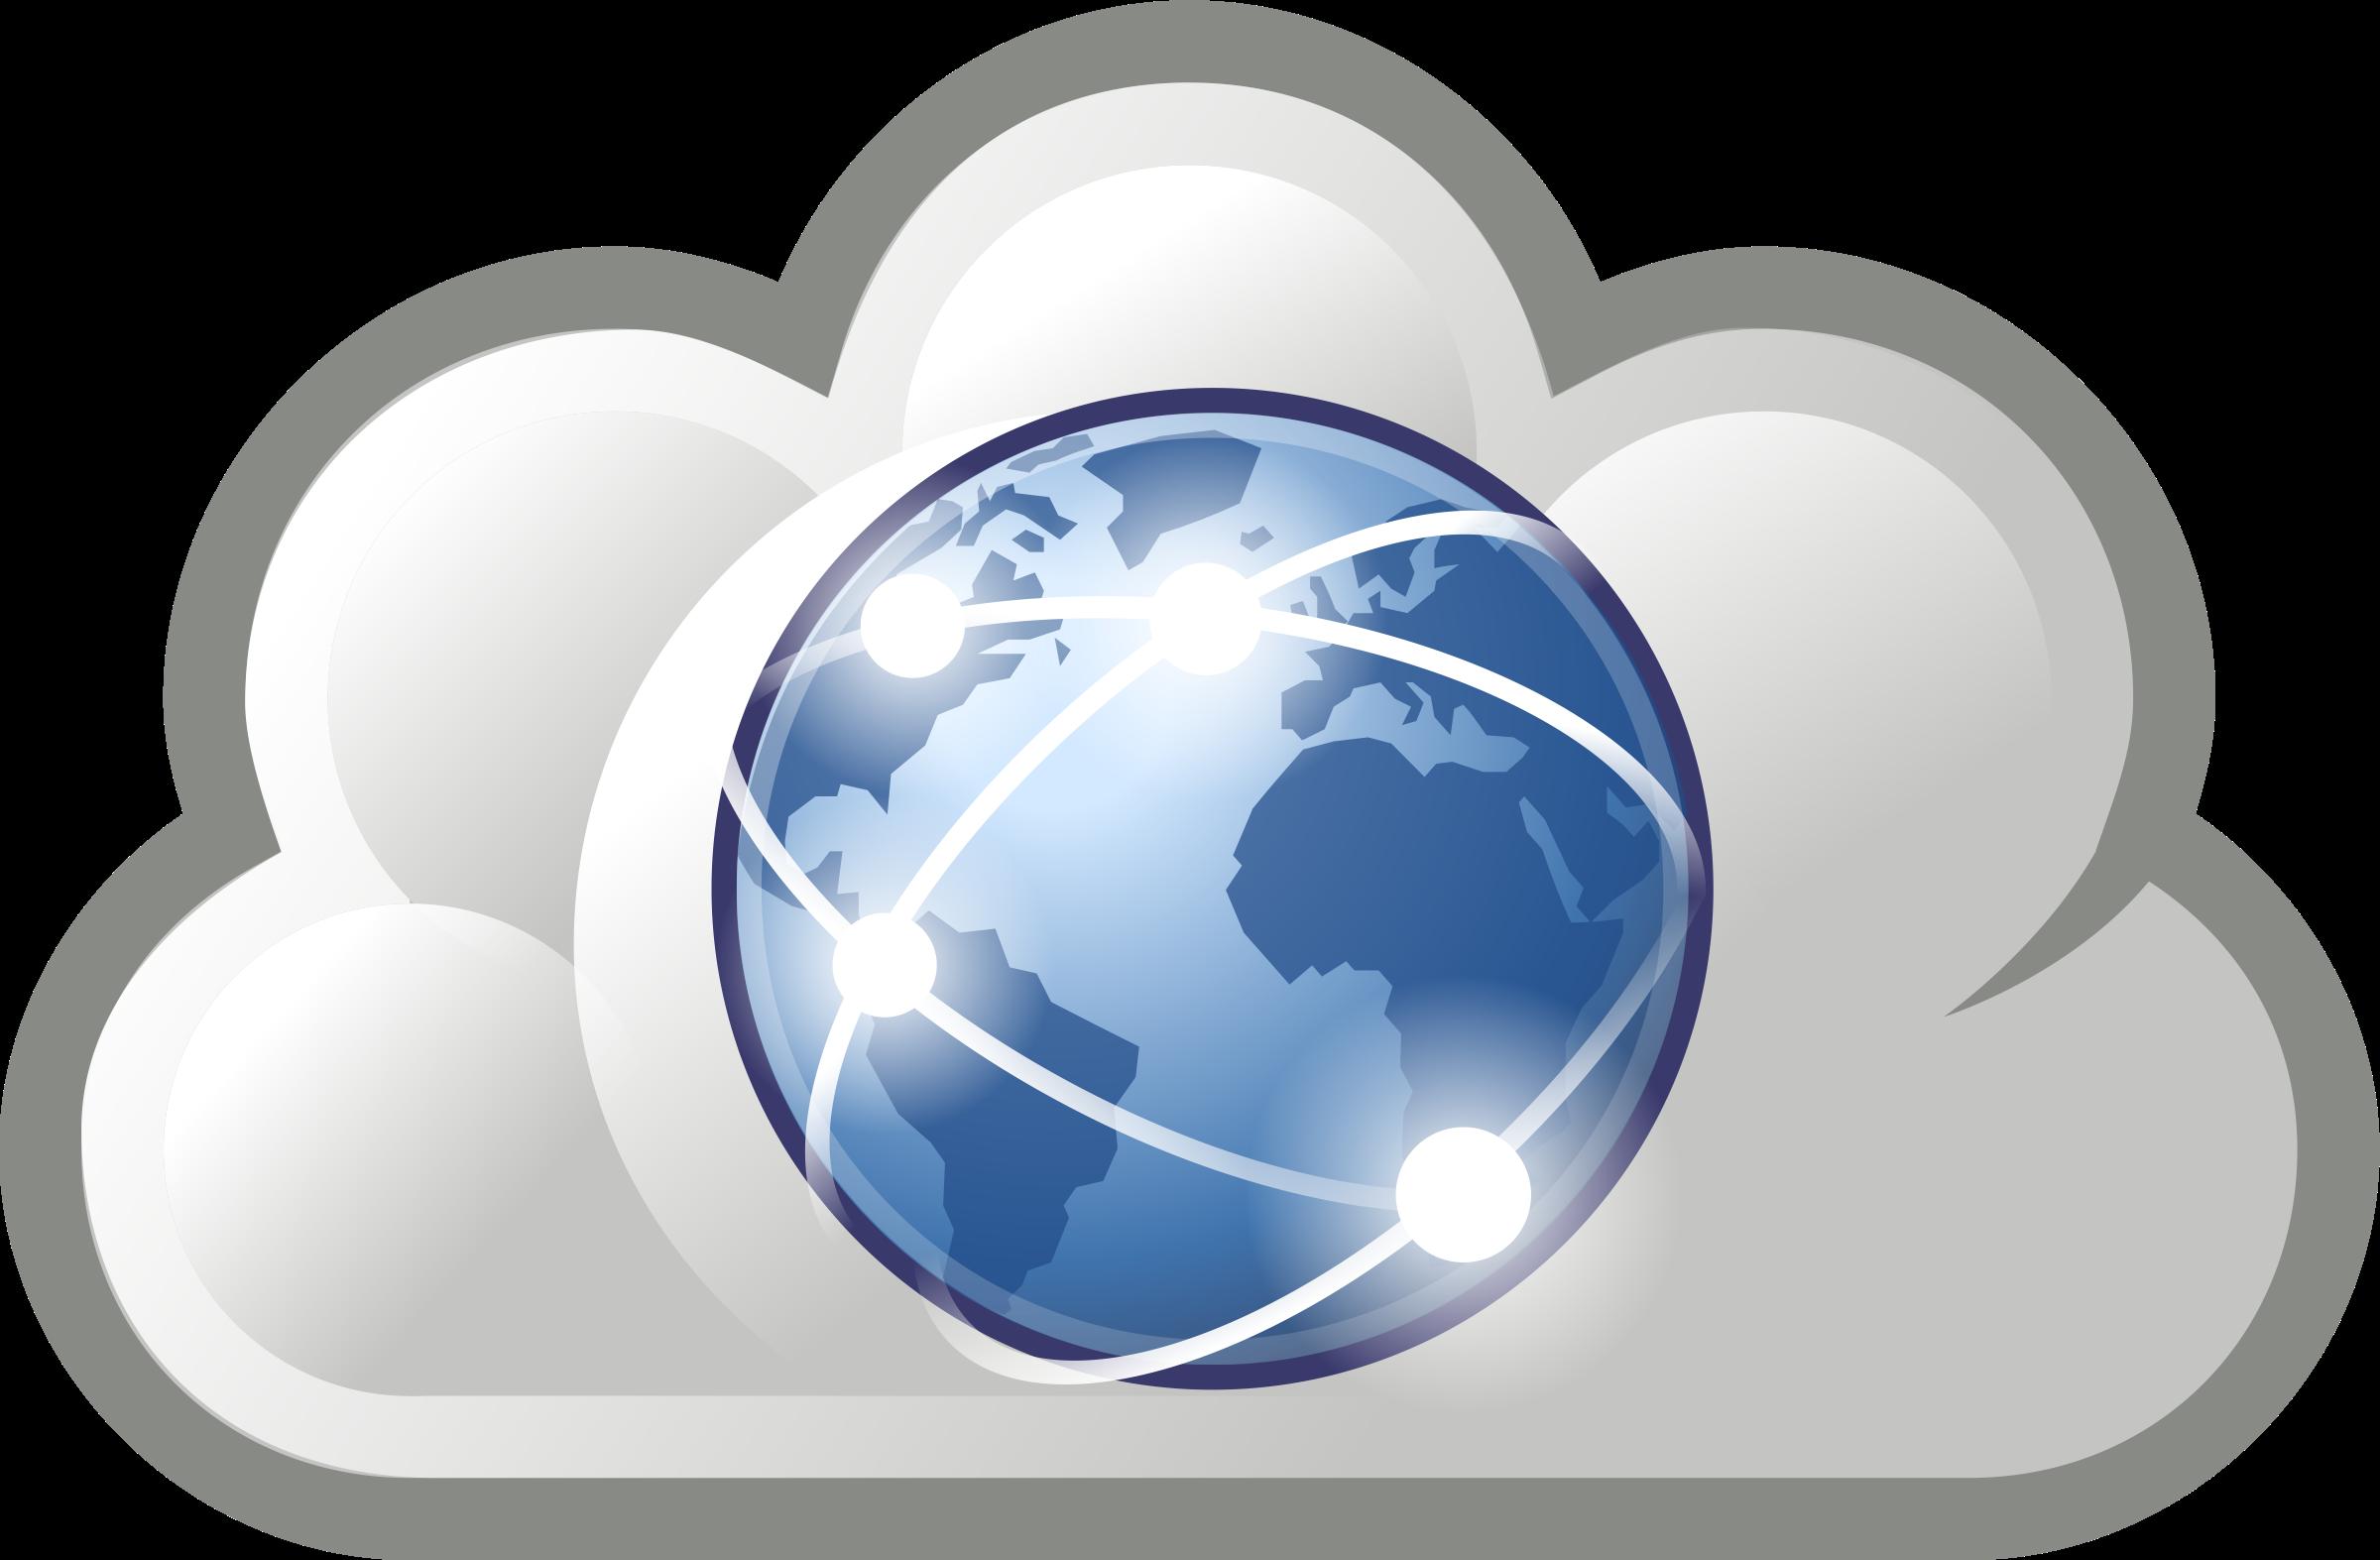 Internet Cloud Symbol Clipart - Clipart Kid